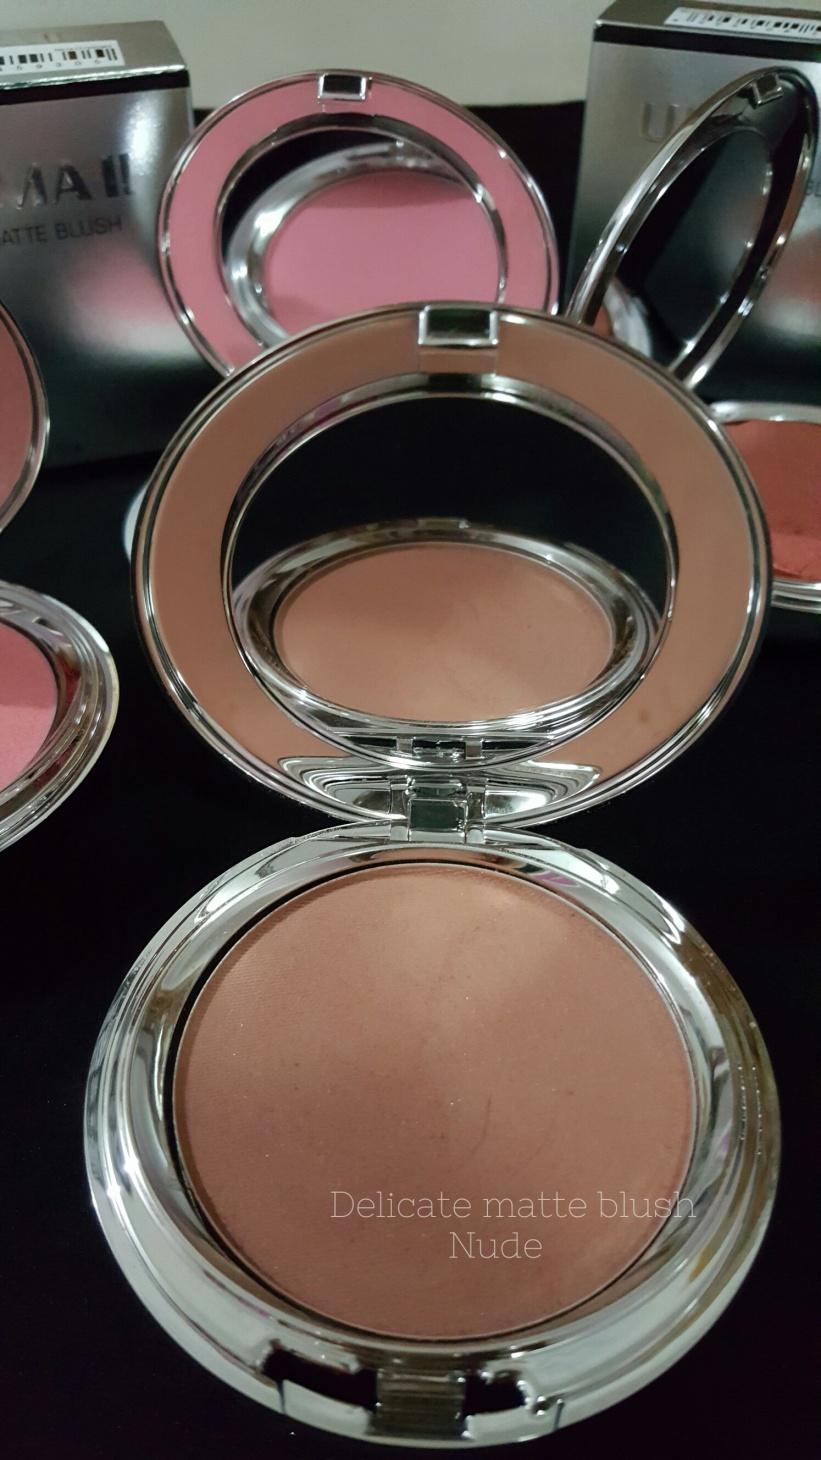 Dunia Senja Cantik Bersama Ultima Ii Delicate Blush Lipstick Bedak Tabur Ukuran Besar Khusus Untuk Warna Ini Pemilik Kulit Putih Harus Ekstra Hati Mengaplikasikannya Karena Warnanya Mudah Banget Ngeblend Dan Keluar Jangan Sampai